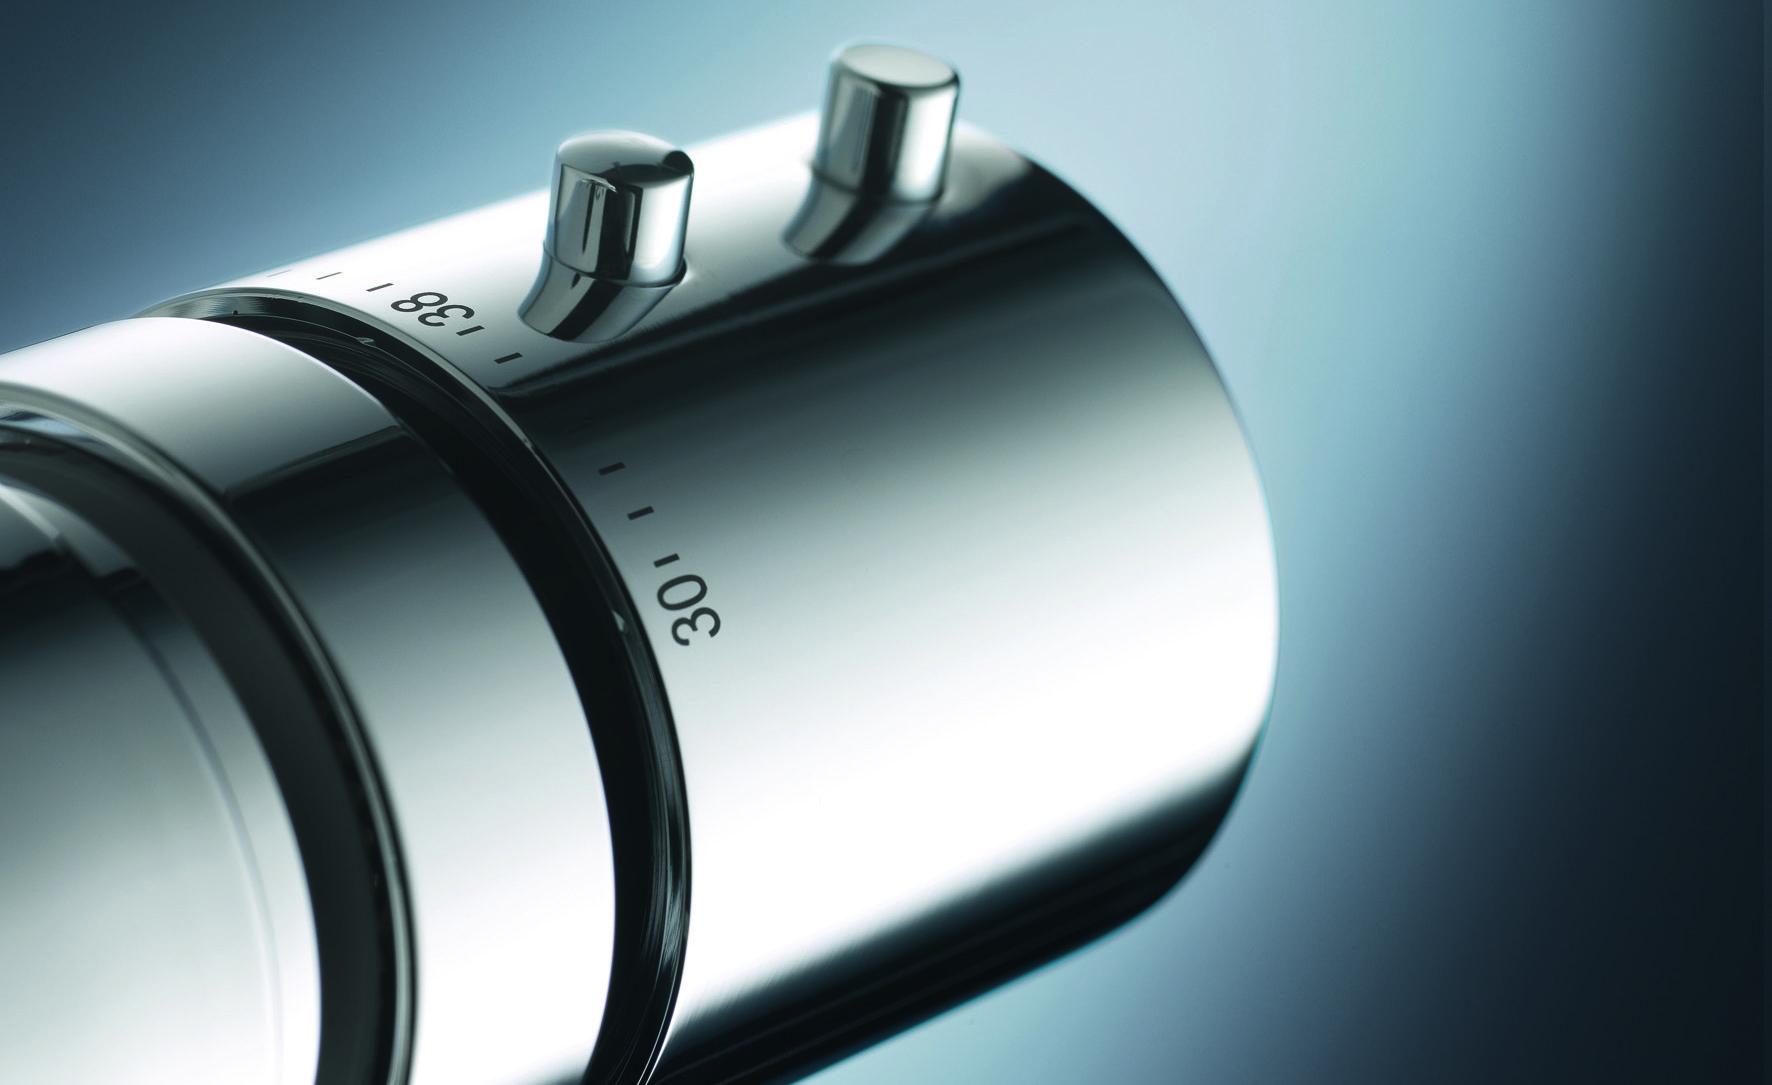 Veiligheid Van Kokendwaterkranen : Thermostaatkraan: veiligheid voorop voorlichtingsburo wonen